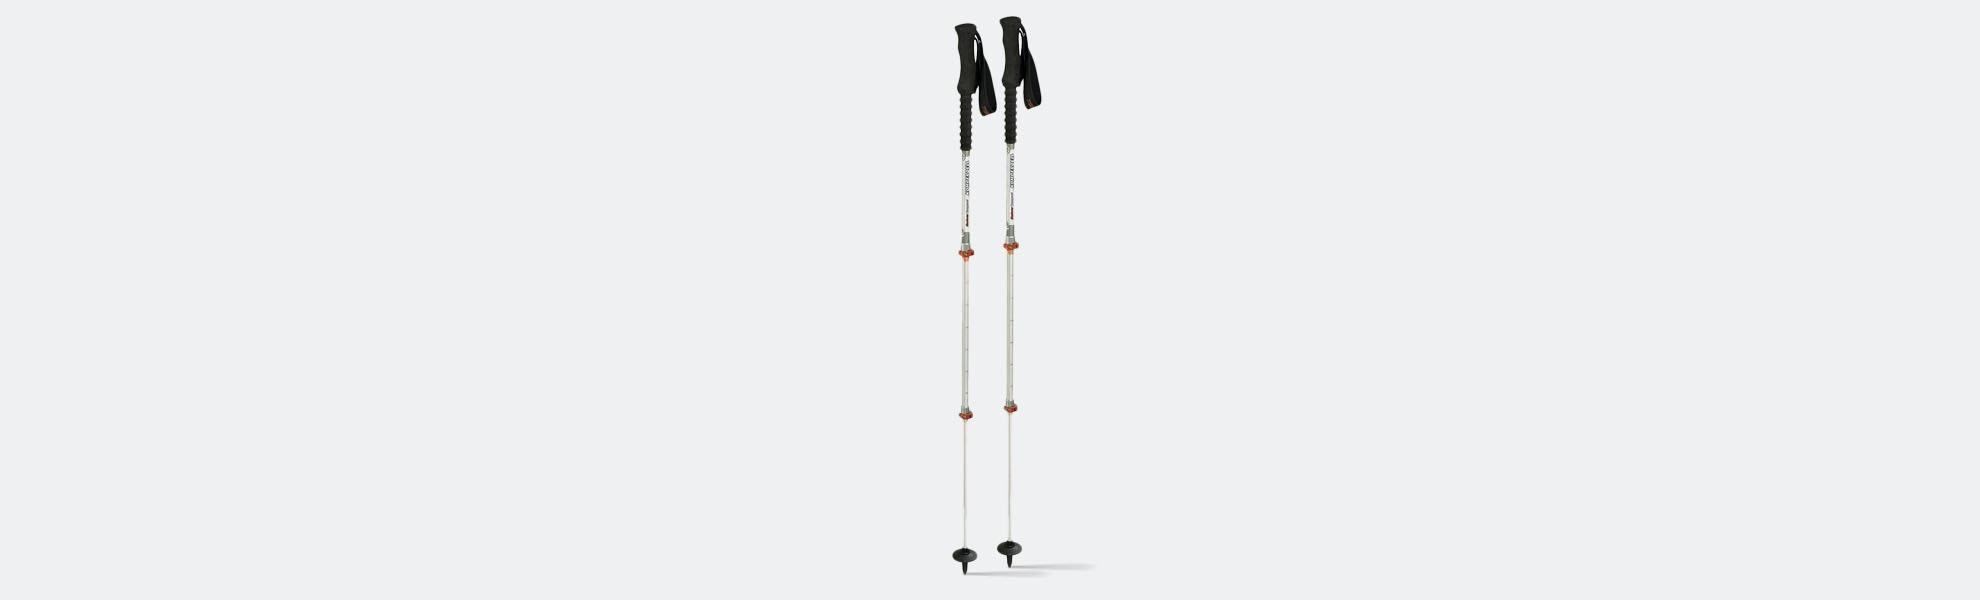 Komperdell Explorer Contour Powerlock Compact Poles